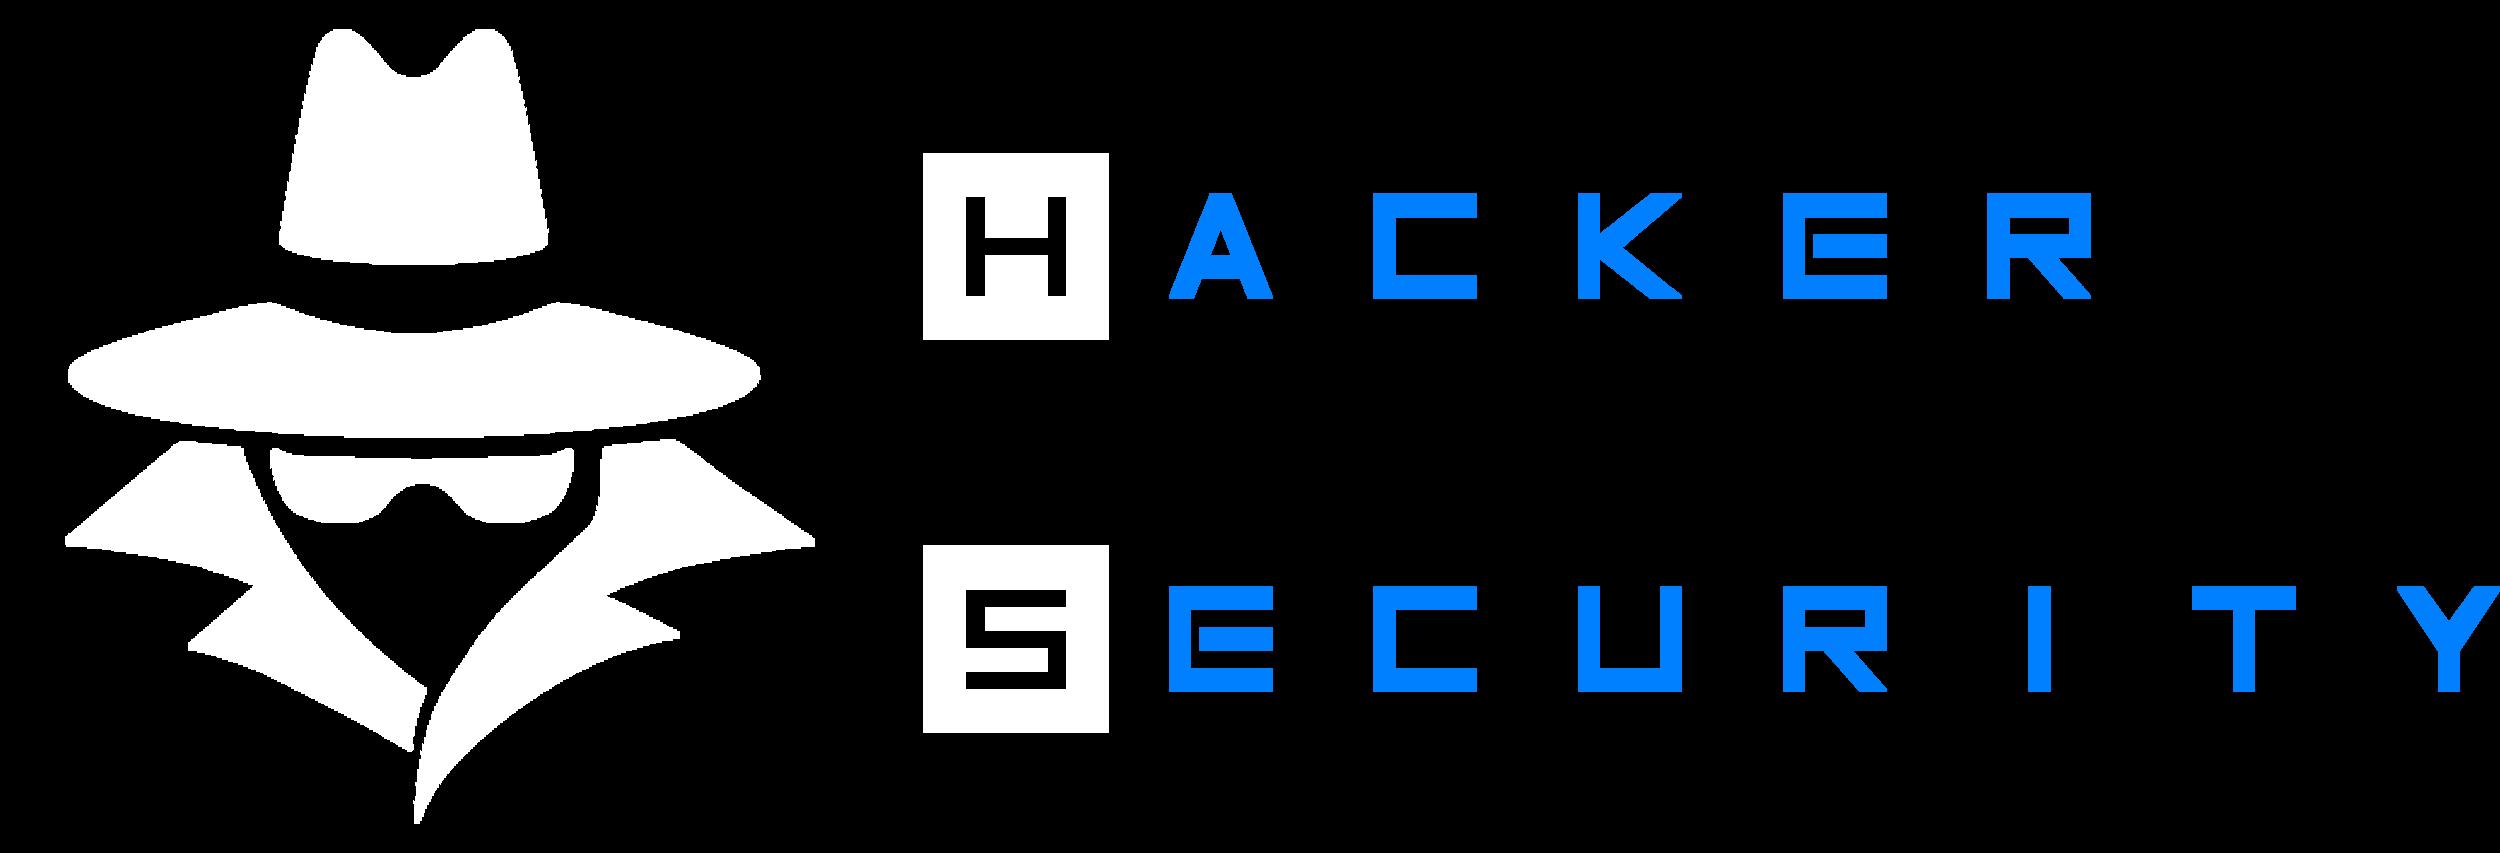 hackersec-logo-white.png